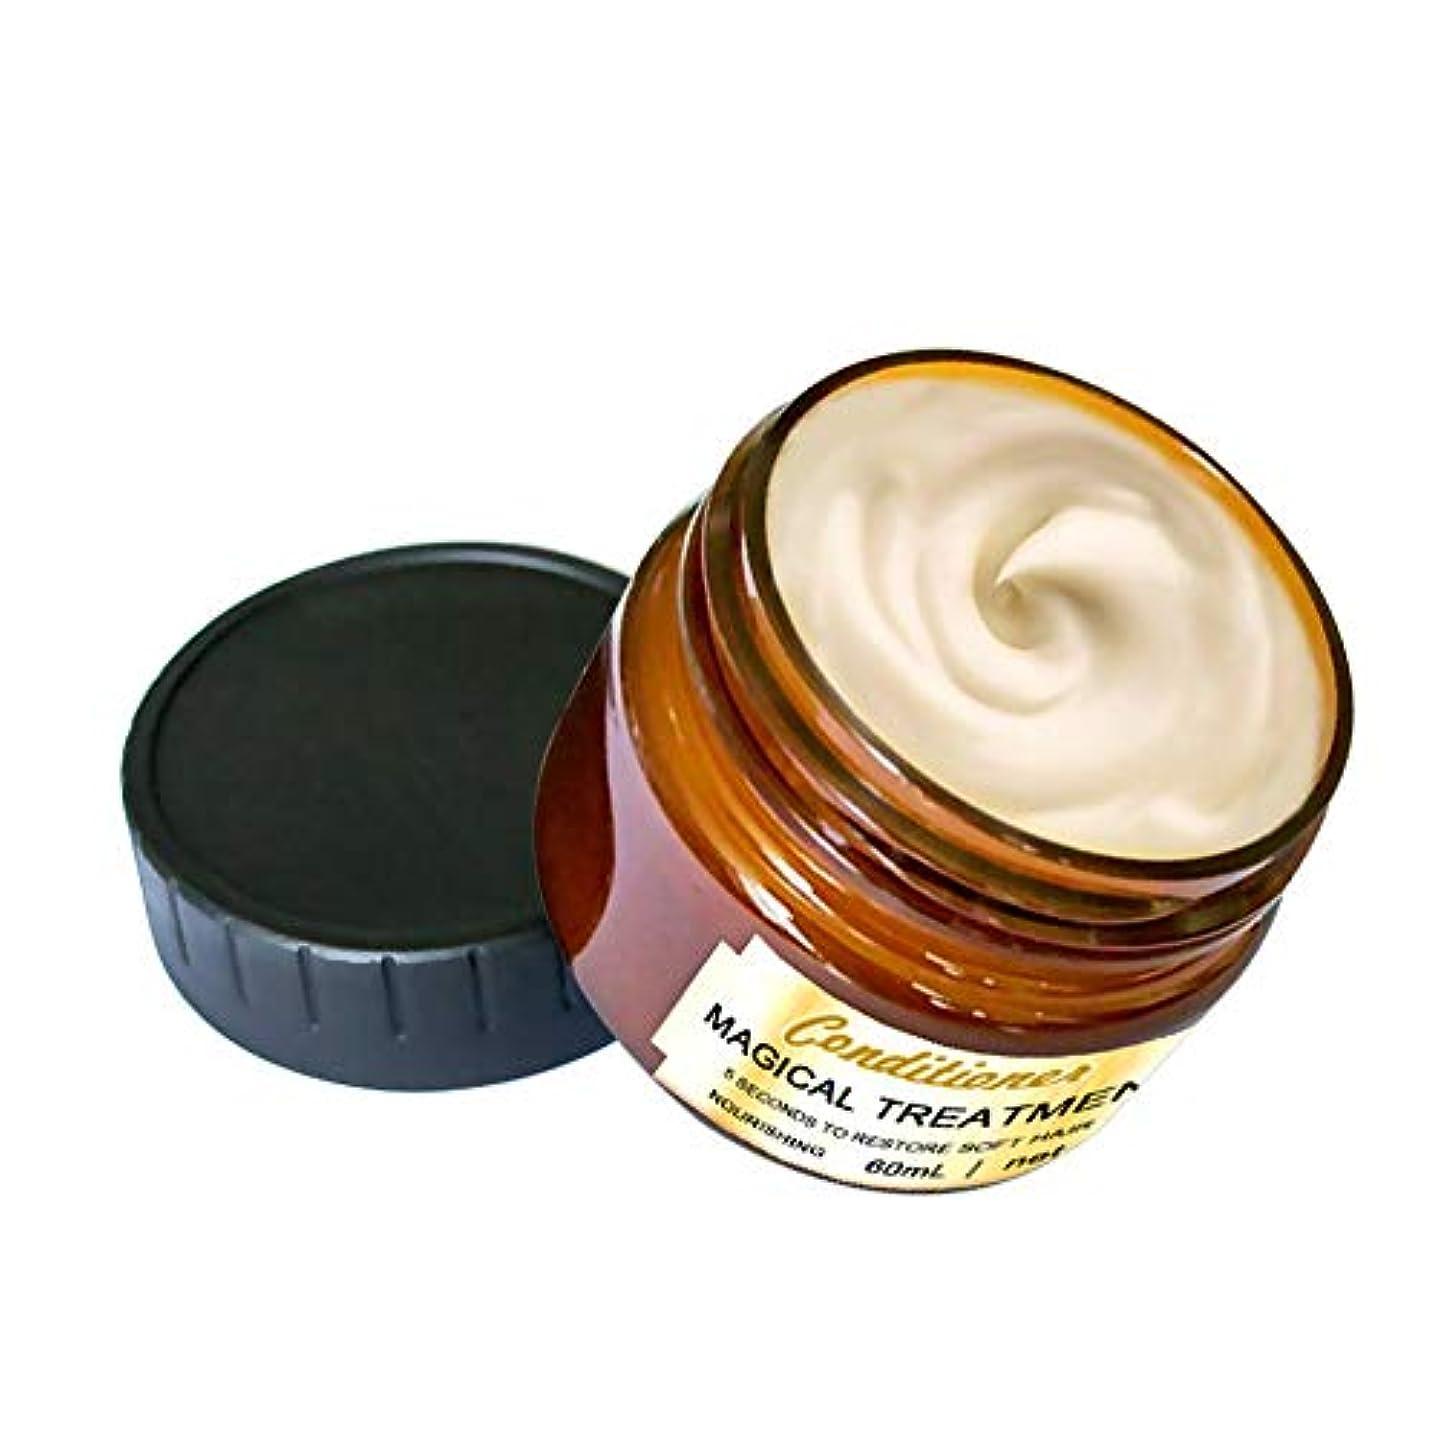 熟考する膜フローティングコンディショナー ヘアケアコンディショナー ヘアデトキシファイングヘアマスク 高度な分子 毛根治療の回復 乾燥または損傷した髪と頭皮の治療のための髪の滑らかなしなやか (A 60 ml)